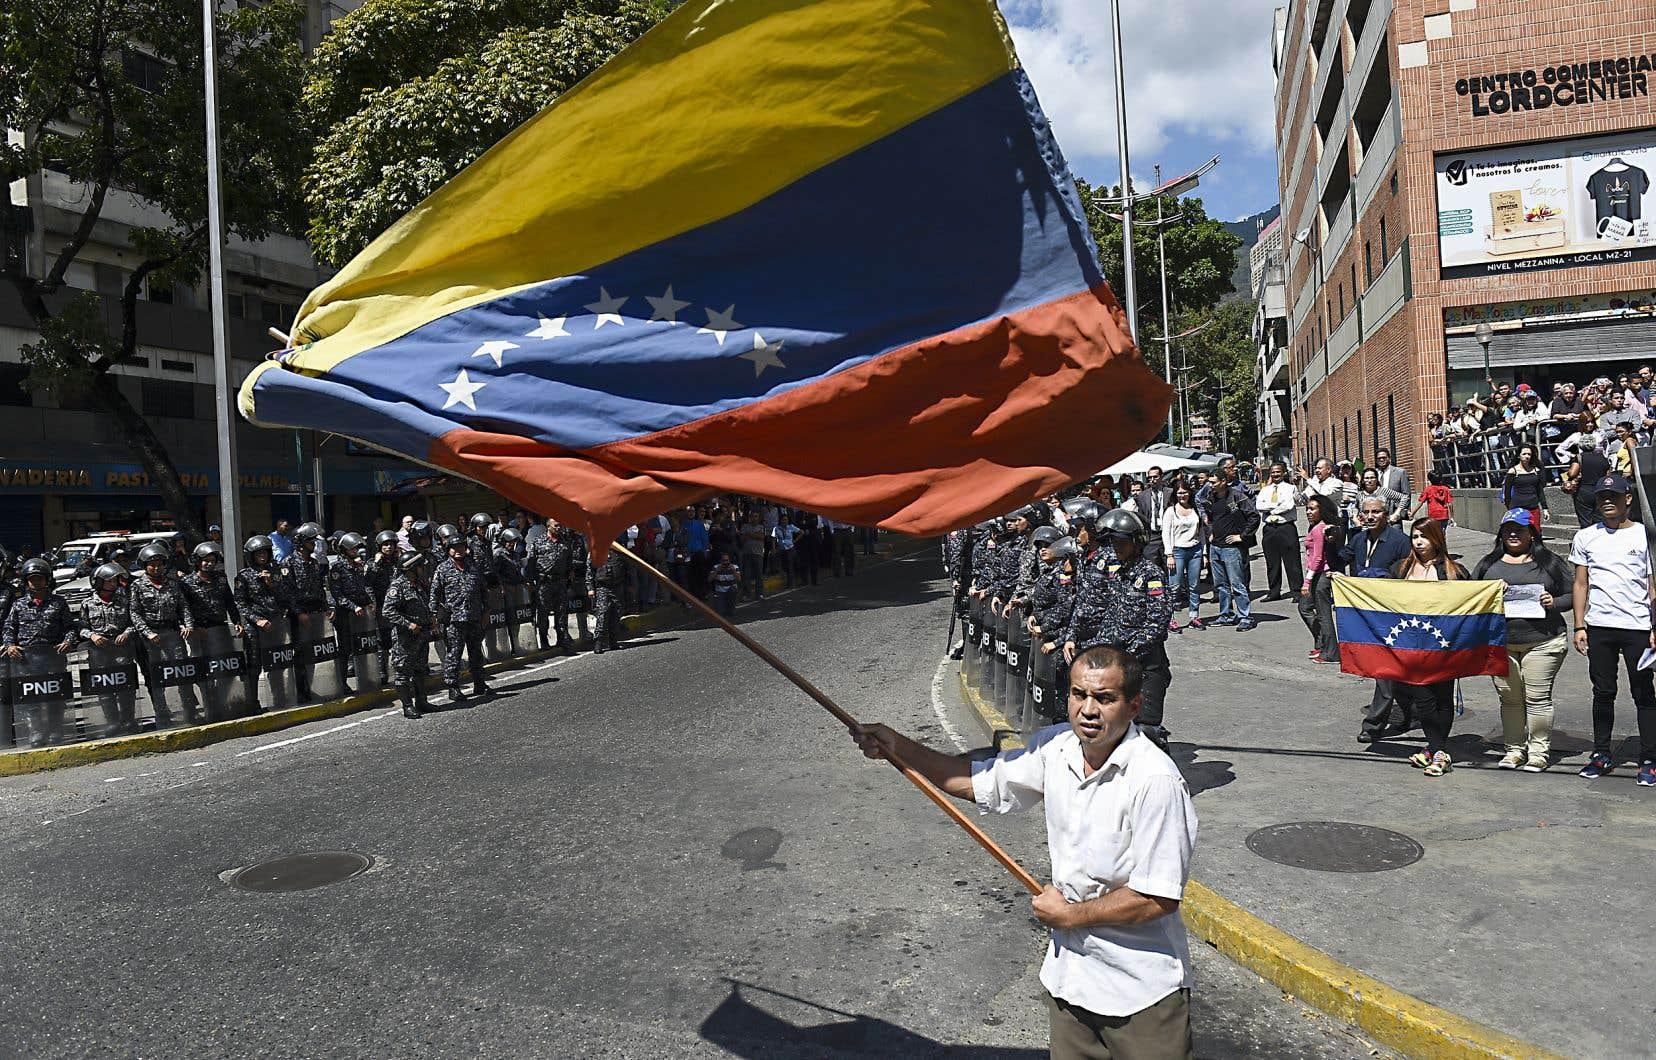 Un opposant au régime de Maduro défile dans les rues de Caracas à l'appel du président autoproclamé Juan Guaidó.